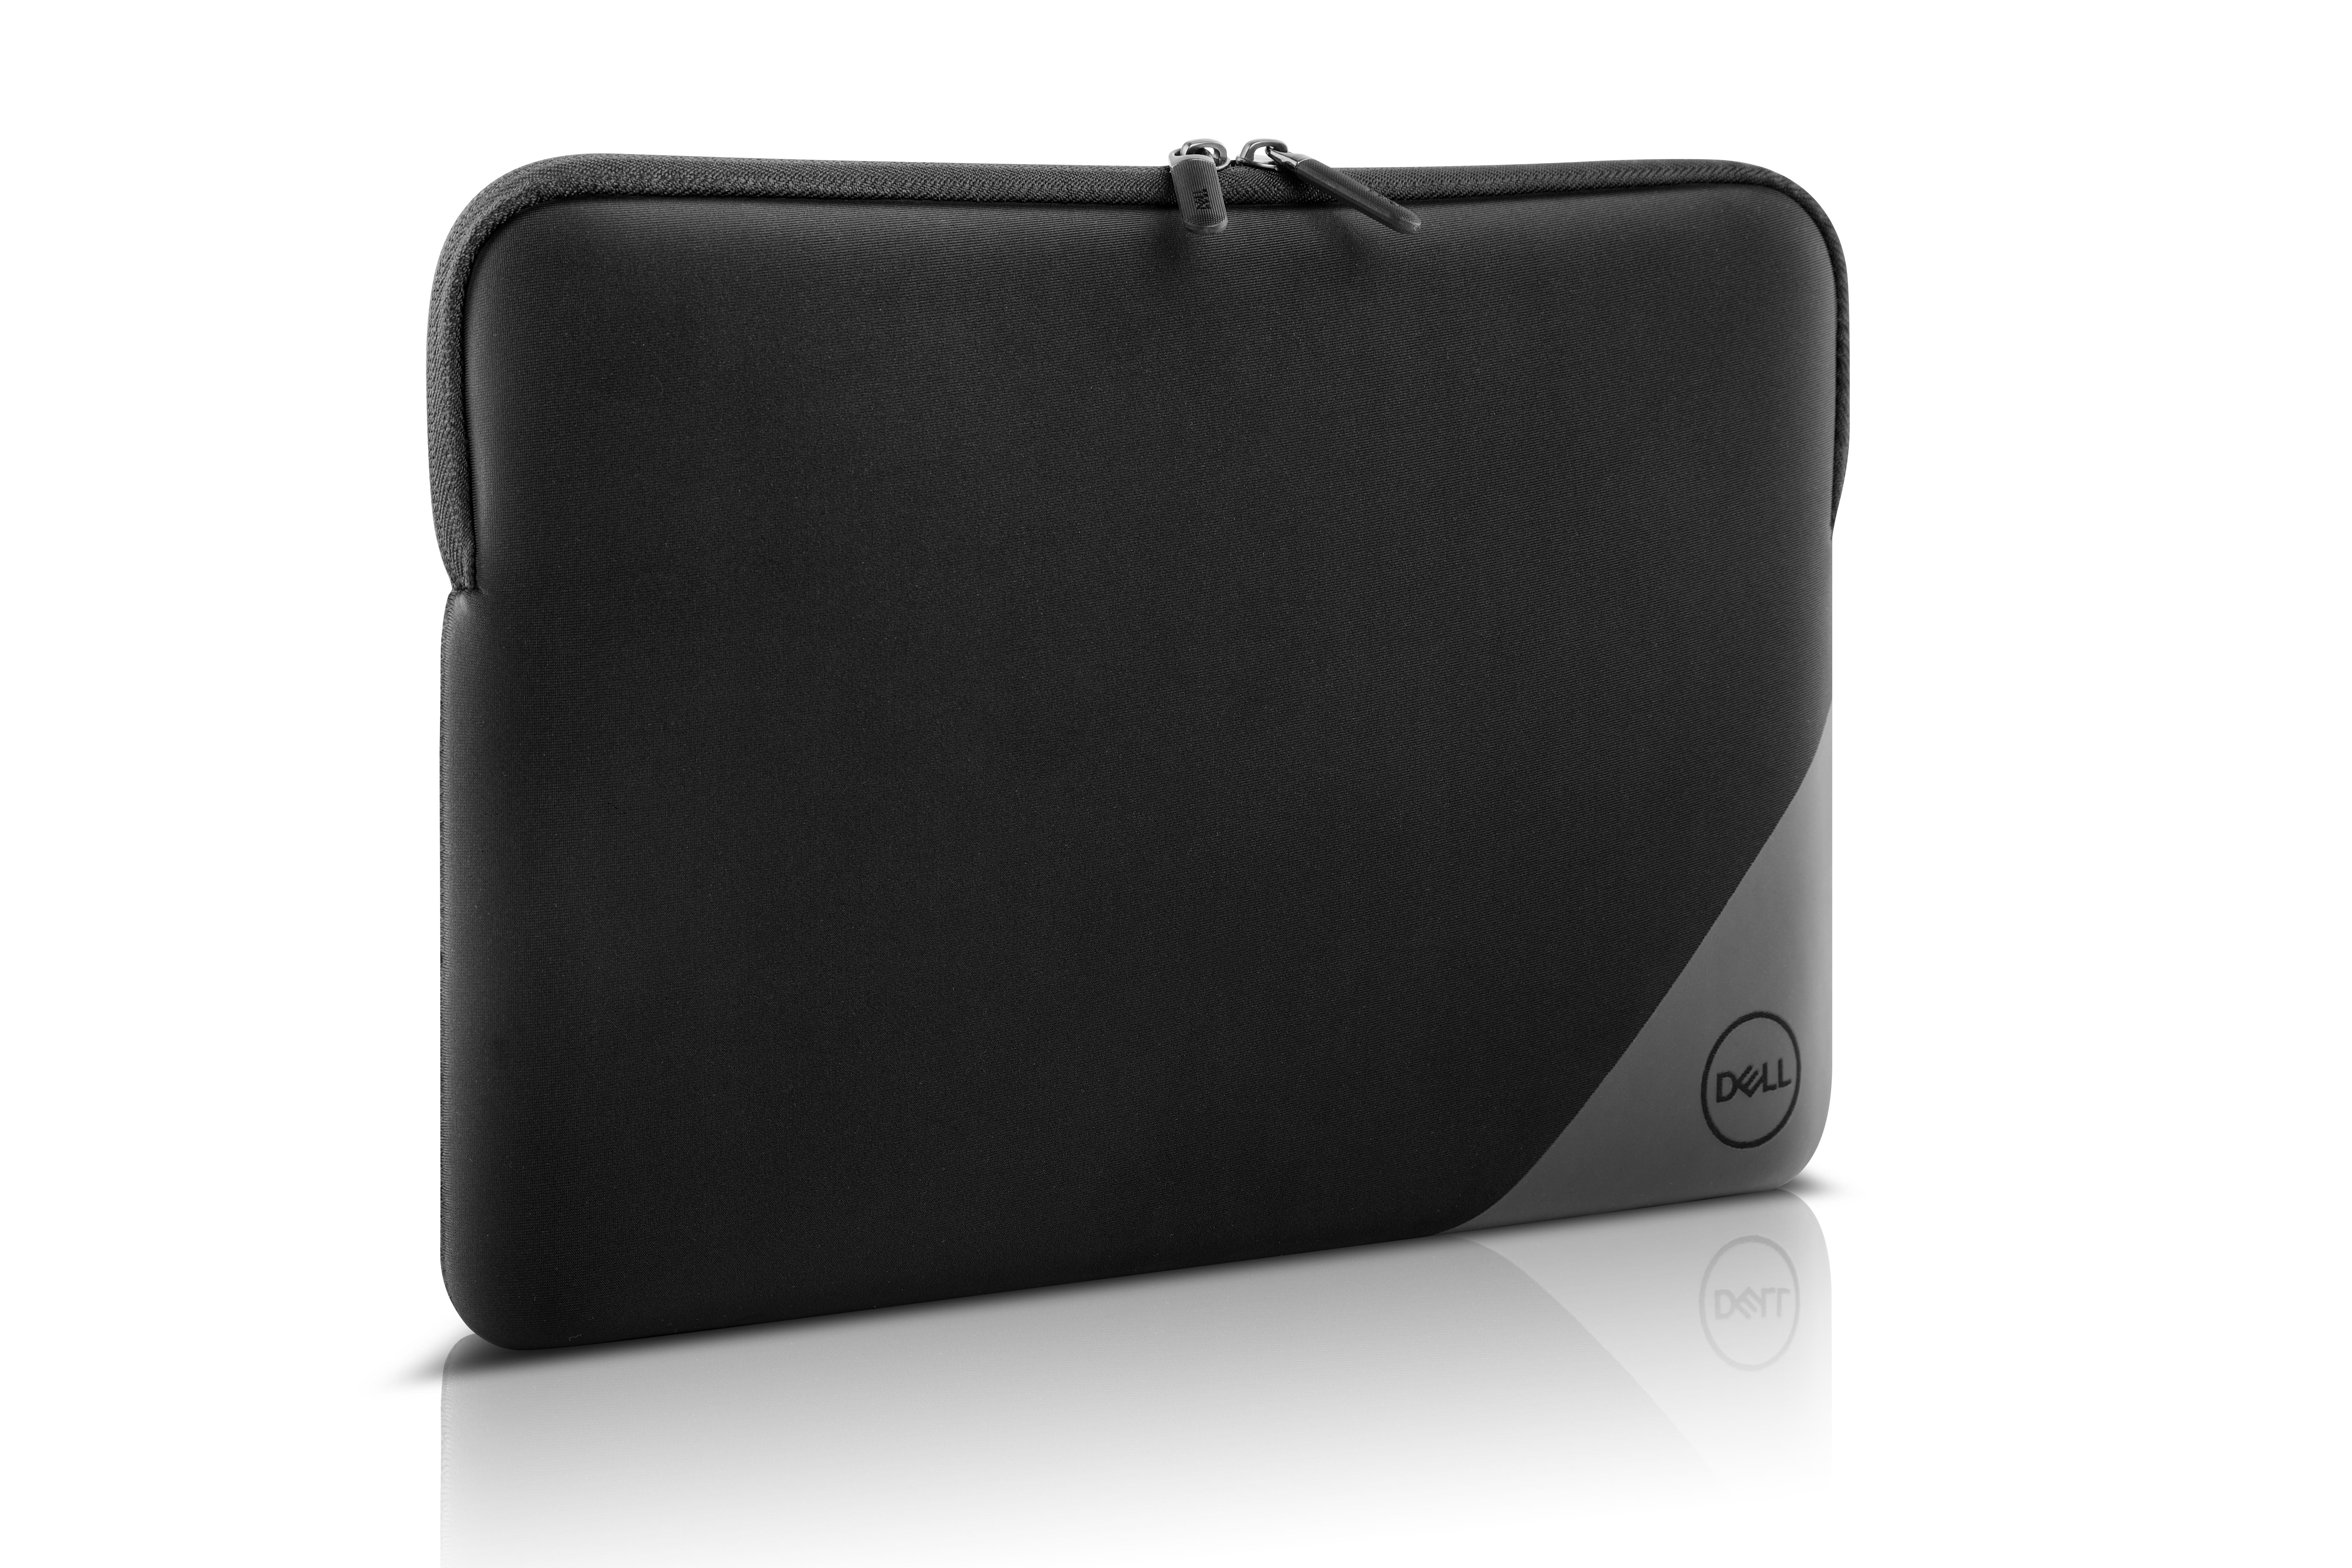 Laptop Schutz Hülle aus Neopren für 33-35,8 cm Notebook Tasche Case 13-14 Zoll